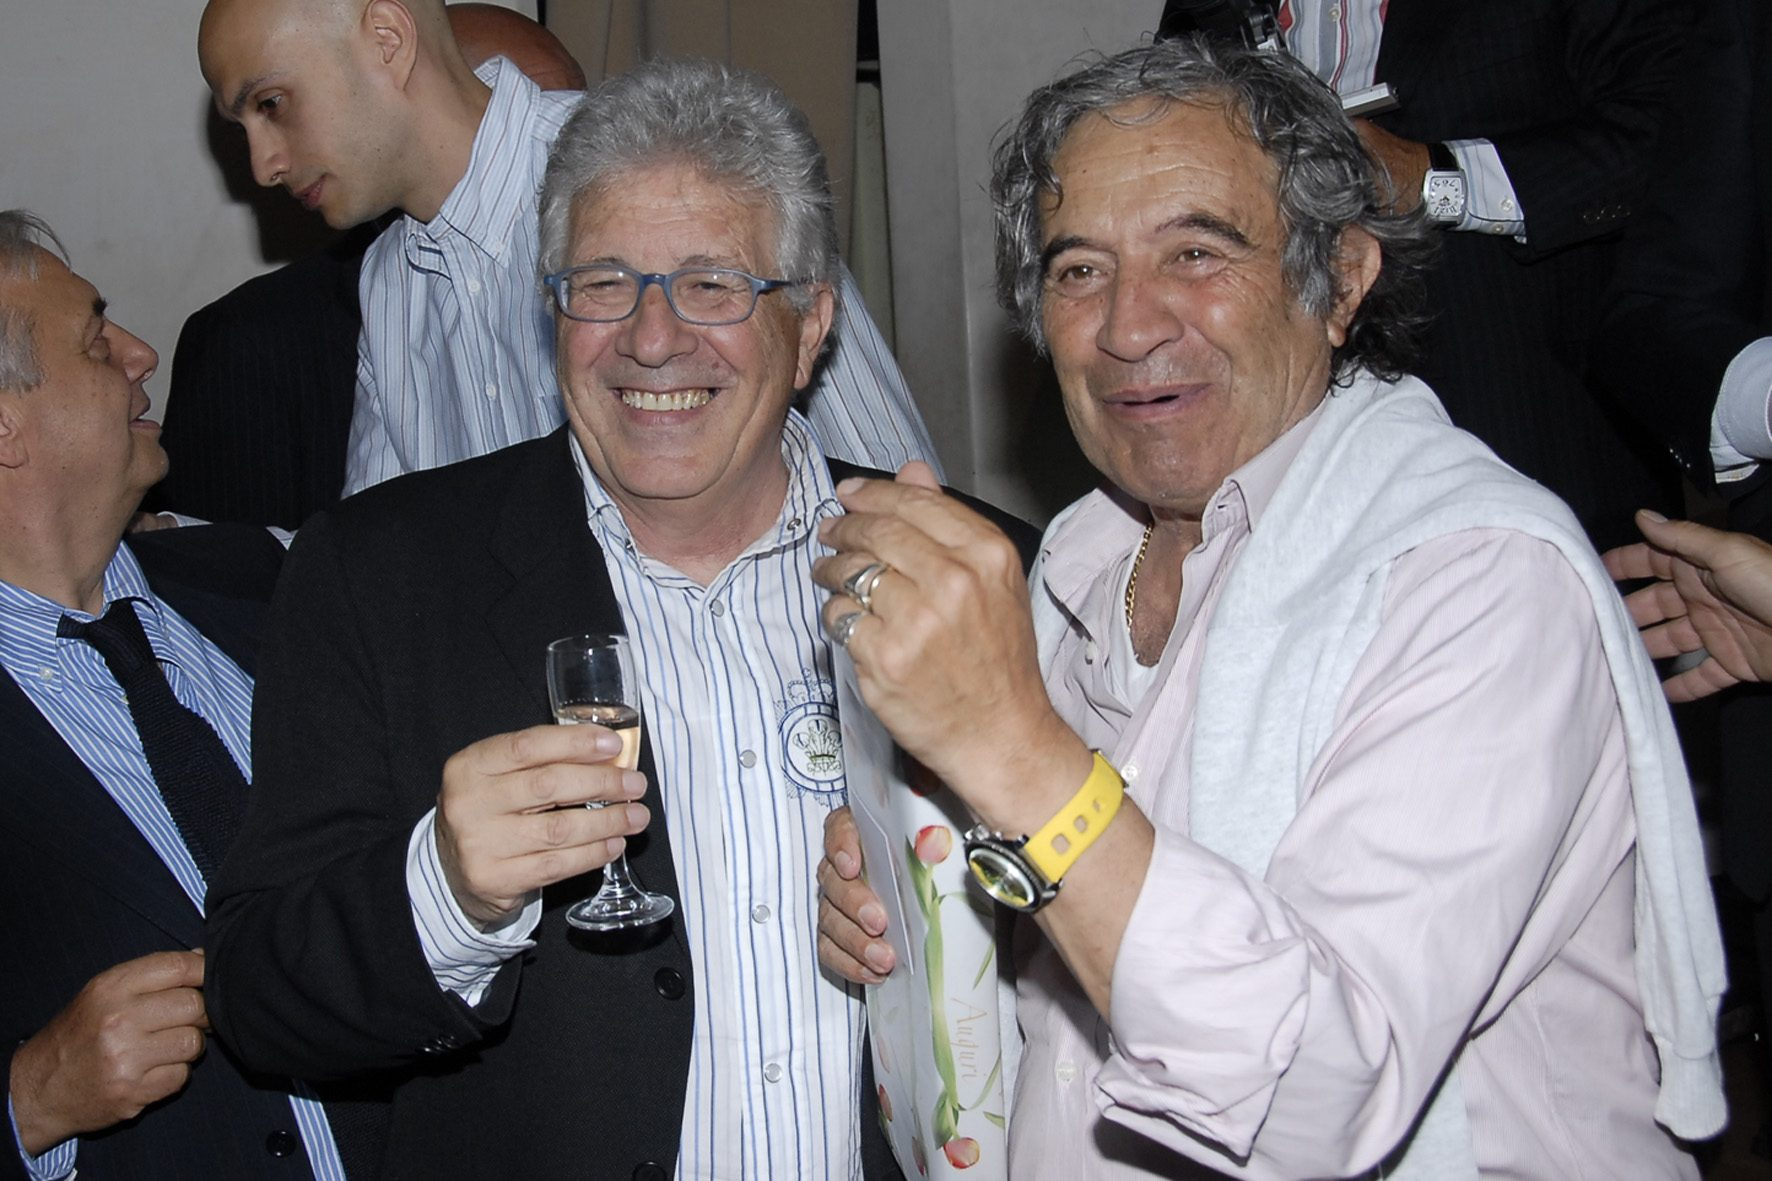 """Peppino Di Capri su Fred Bongusto: """"Eravamo amici, ma costruirono una rivalità inesistente"""" - Music Fanpage"""